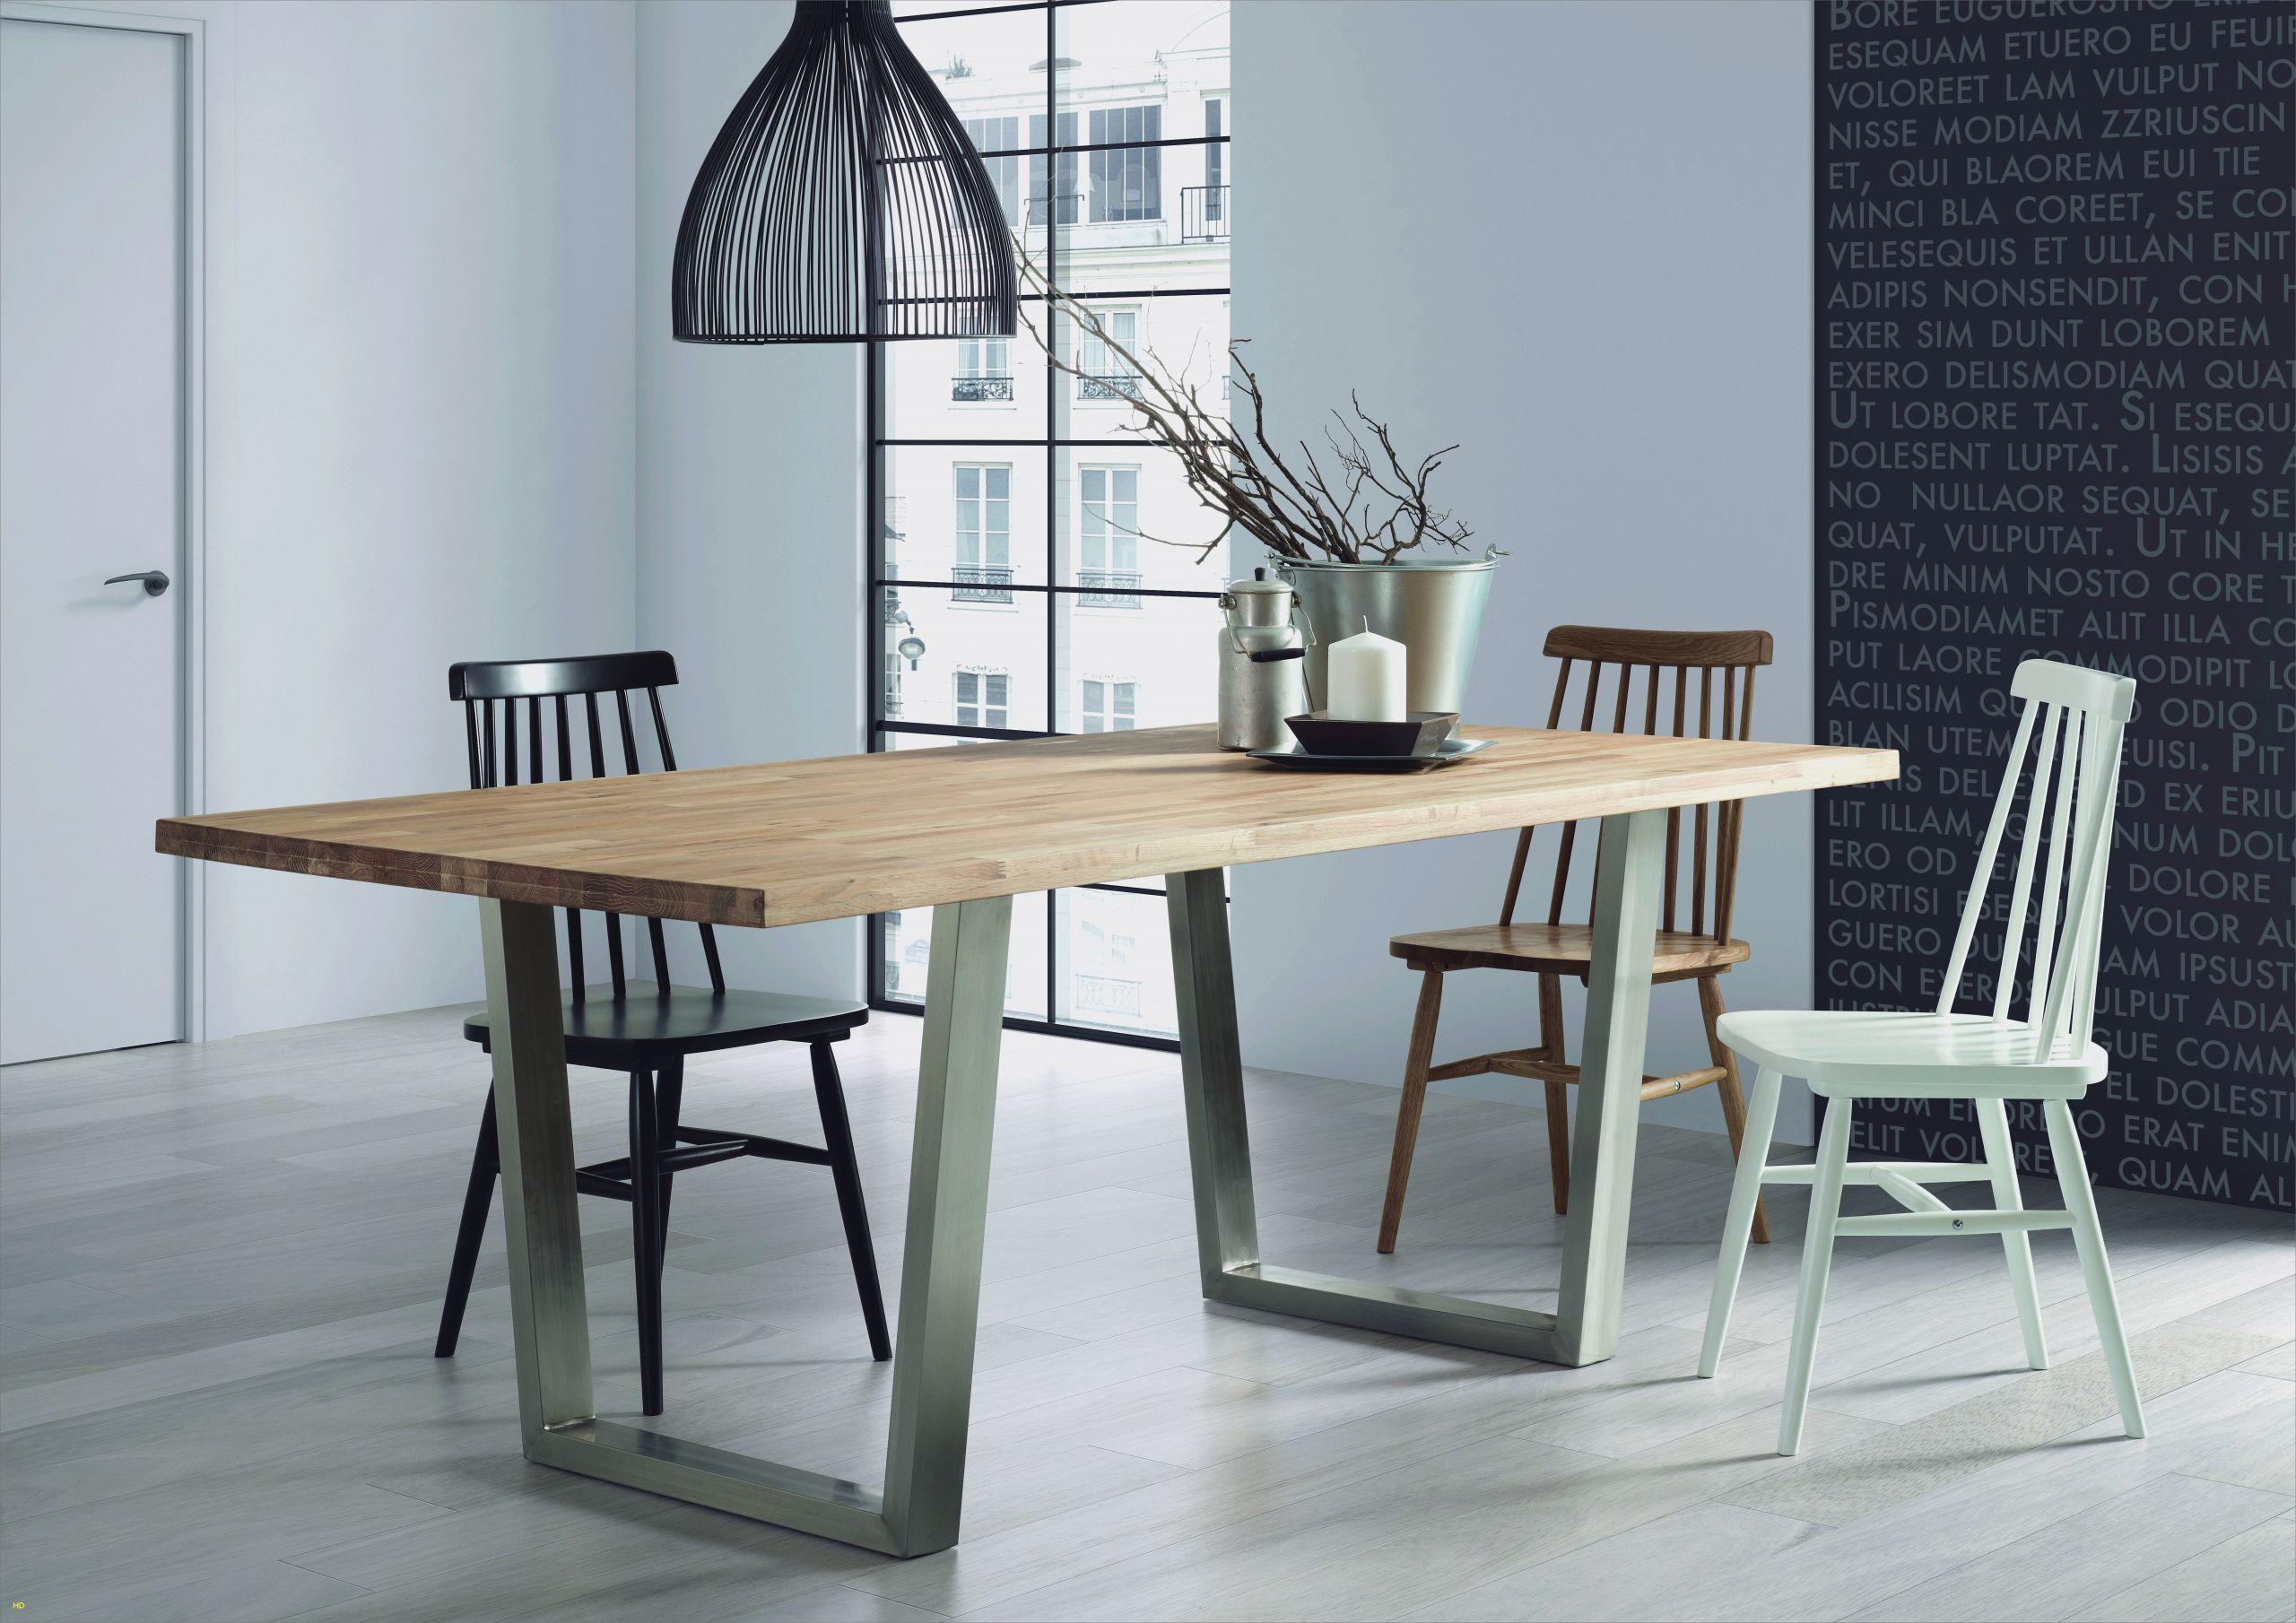 ikea chaise en bois luxe cuisine ikea inox chaise blanche et bois ikea chaise ikea bois of ikea chaise en bois